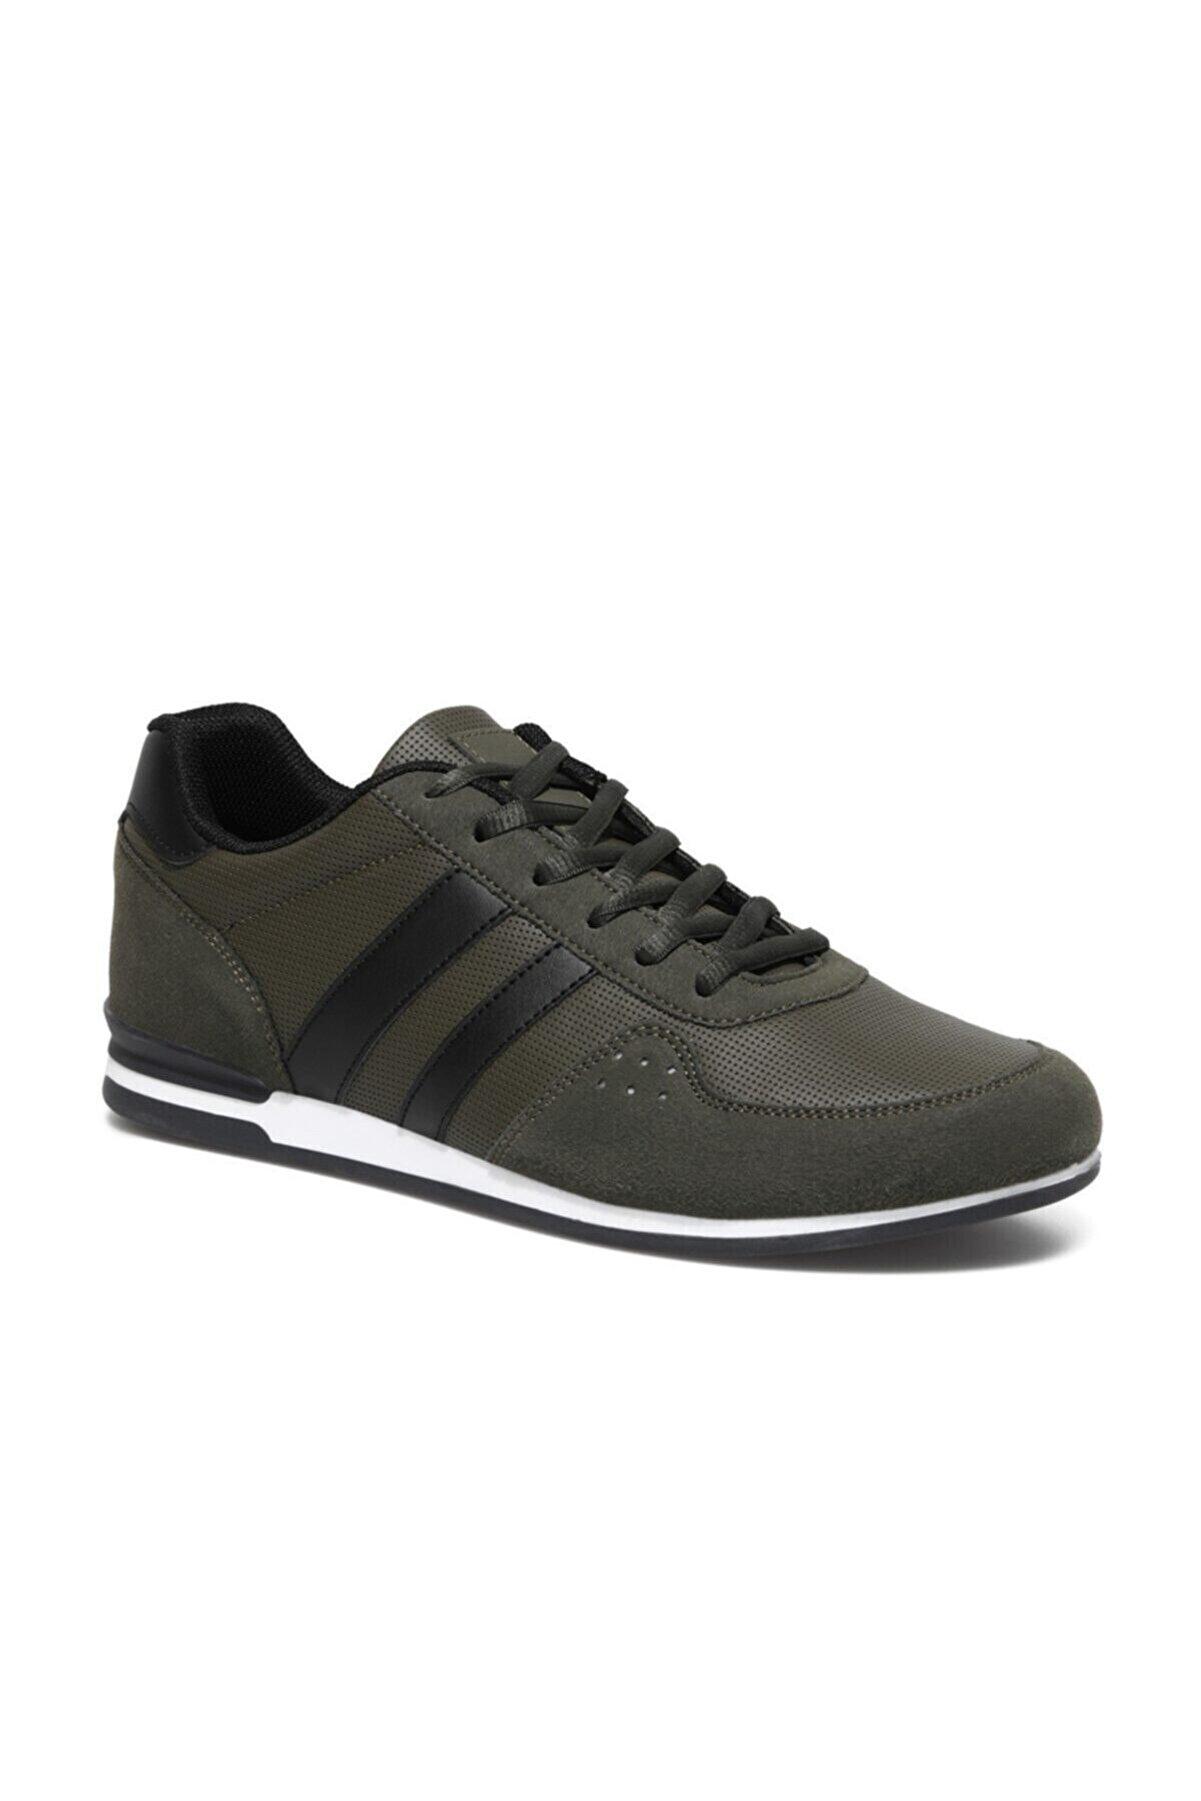 Salvano Ec-3004 Haki Erkek Sneaker